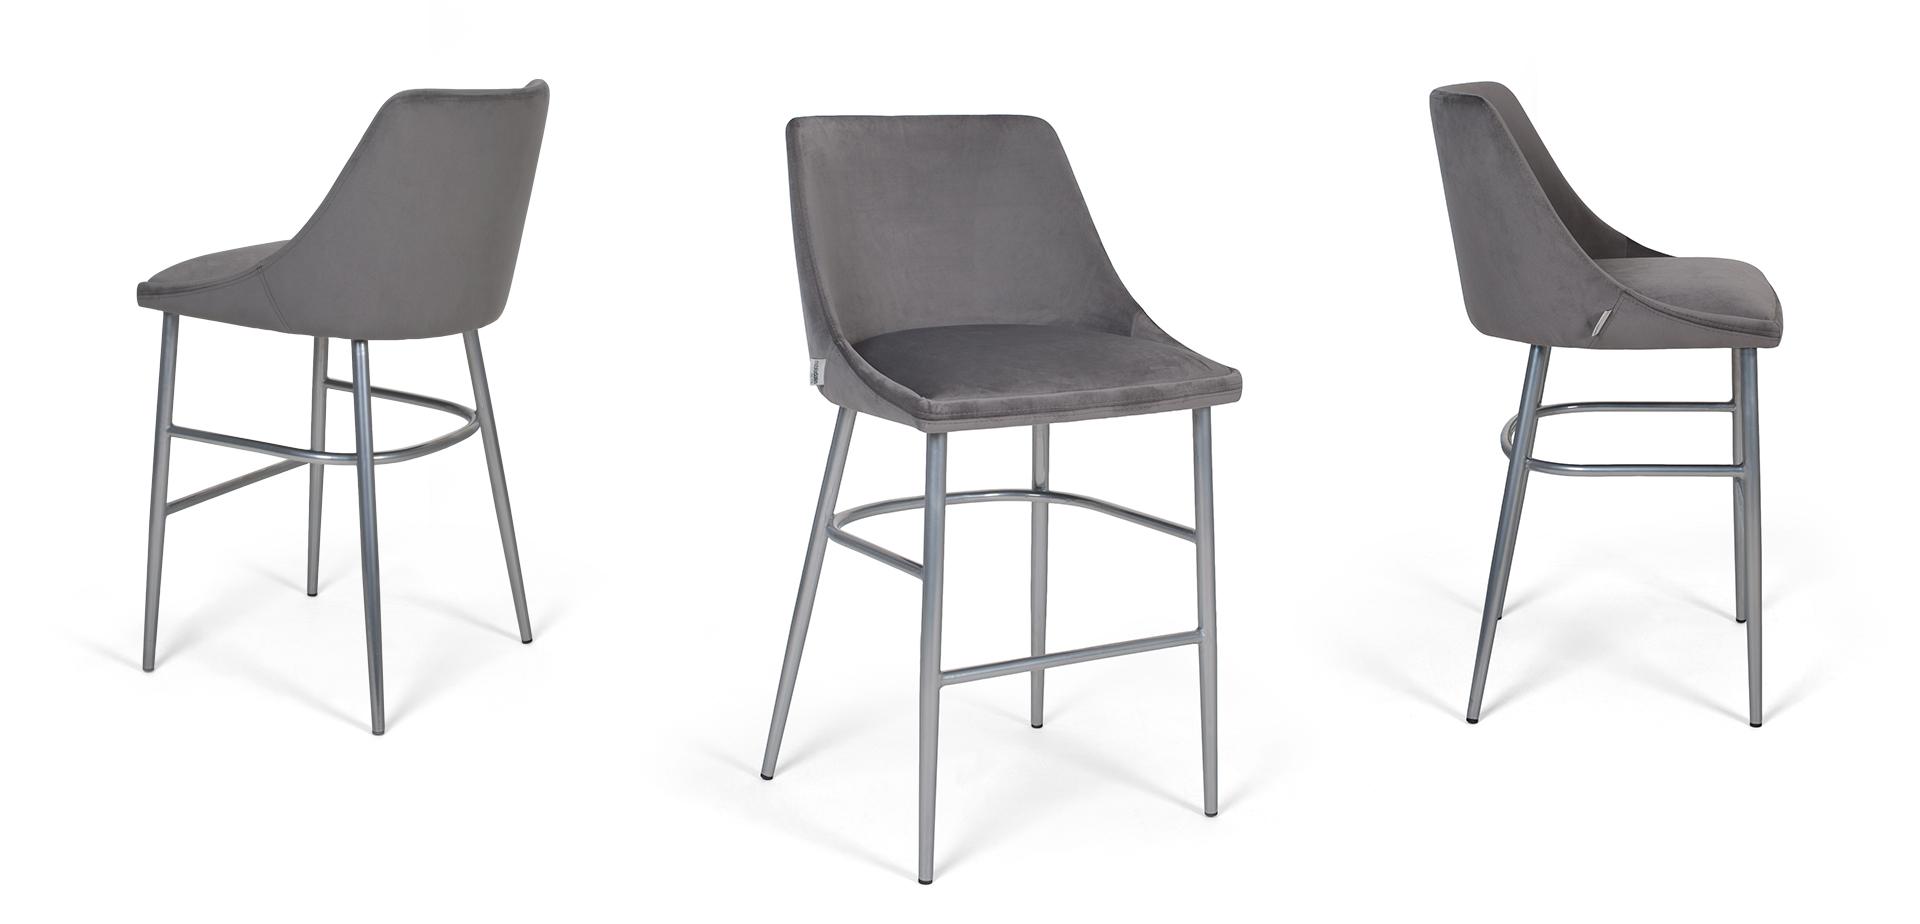 alberta-scaun-08.jpg